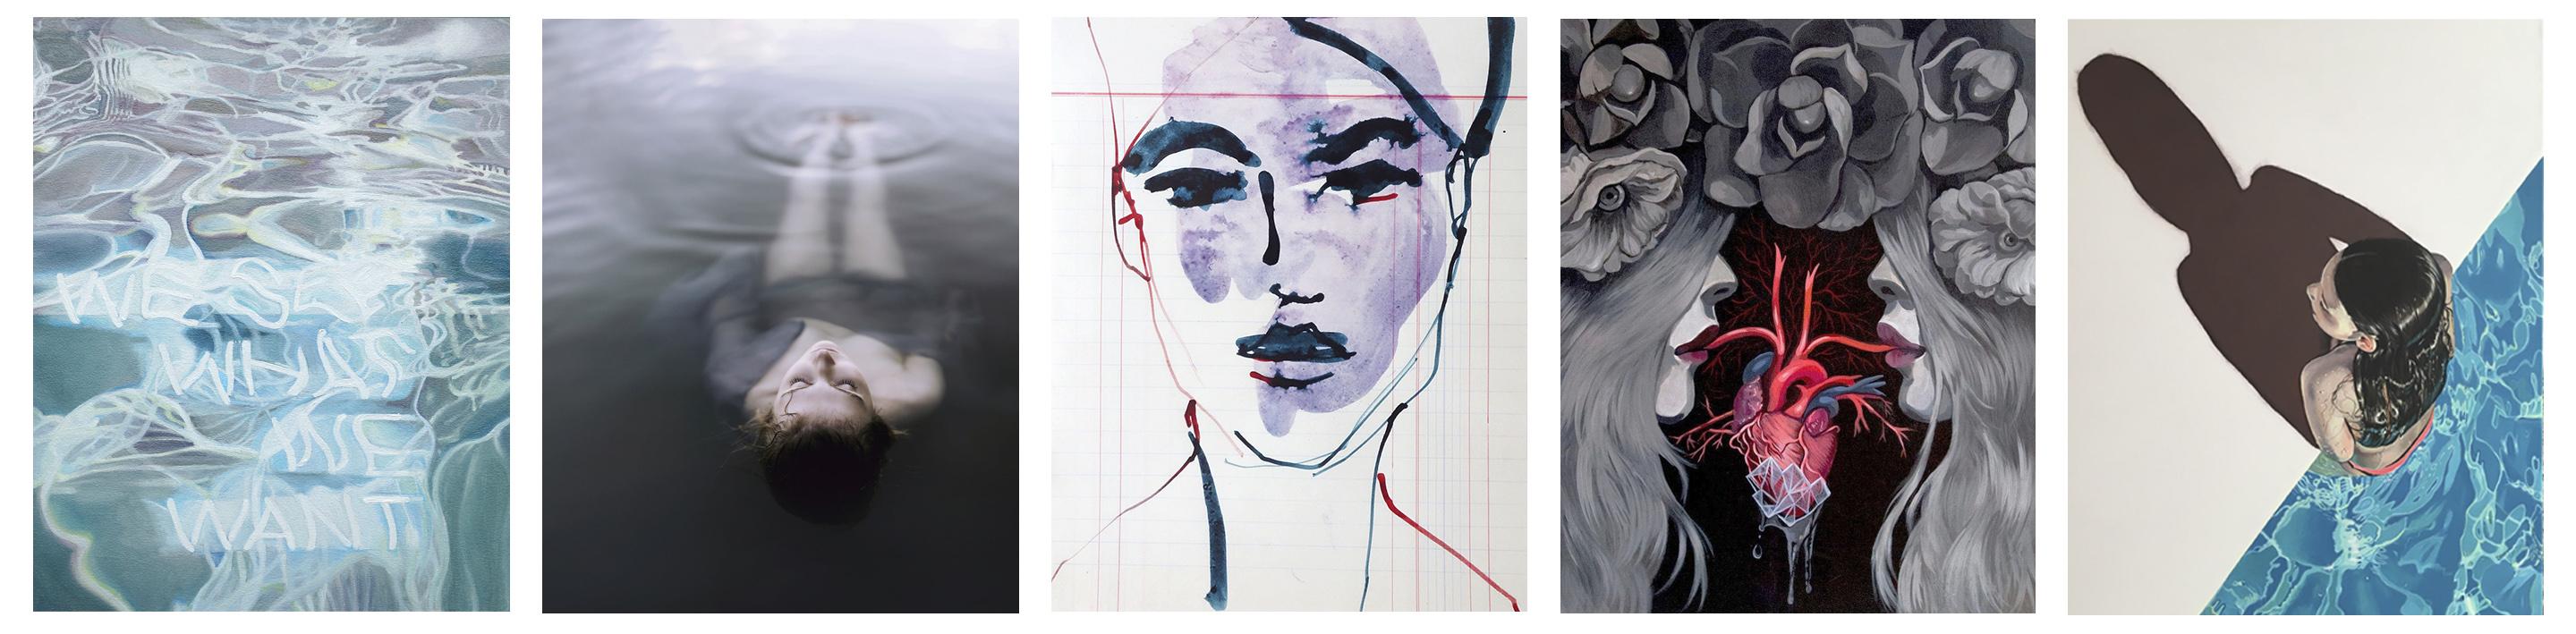 triptych_bilderalle